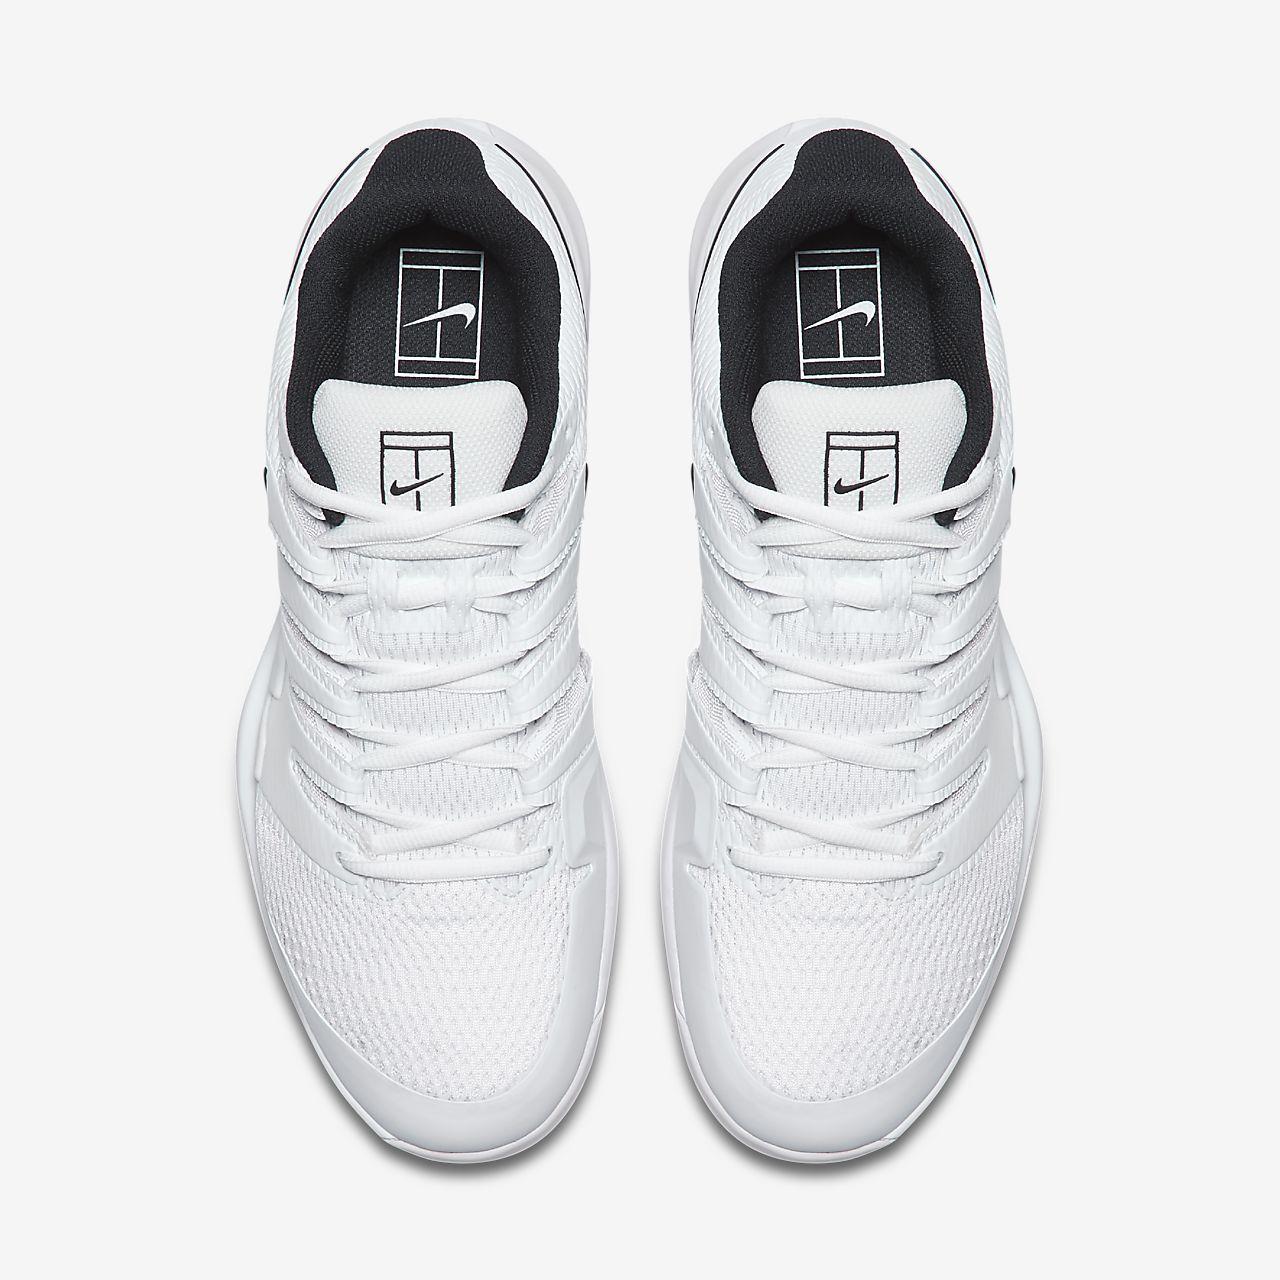 Hc Hombre Zoom Vapor X Air Para De Tenis Nike Calzado rthQds